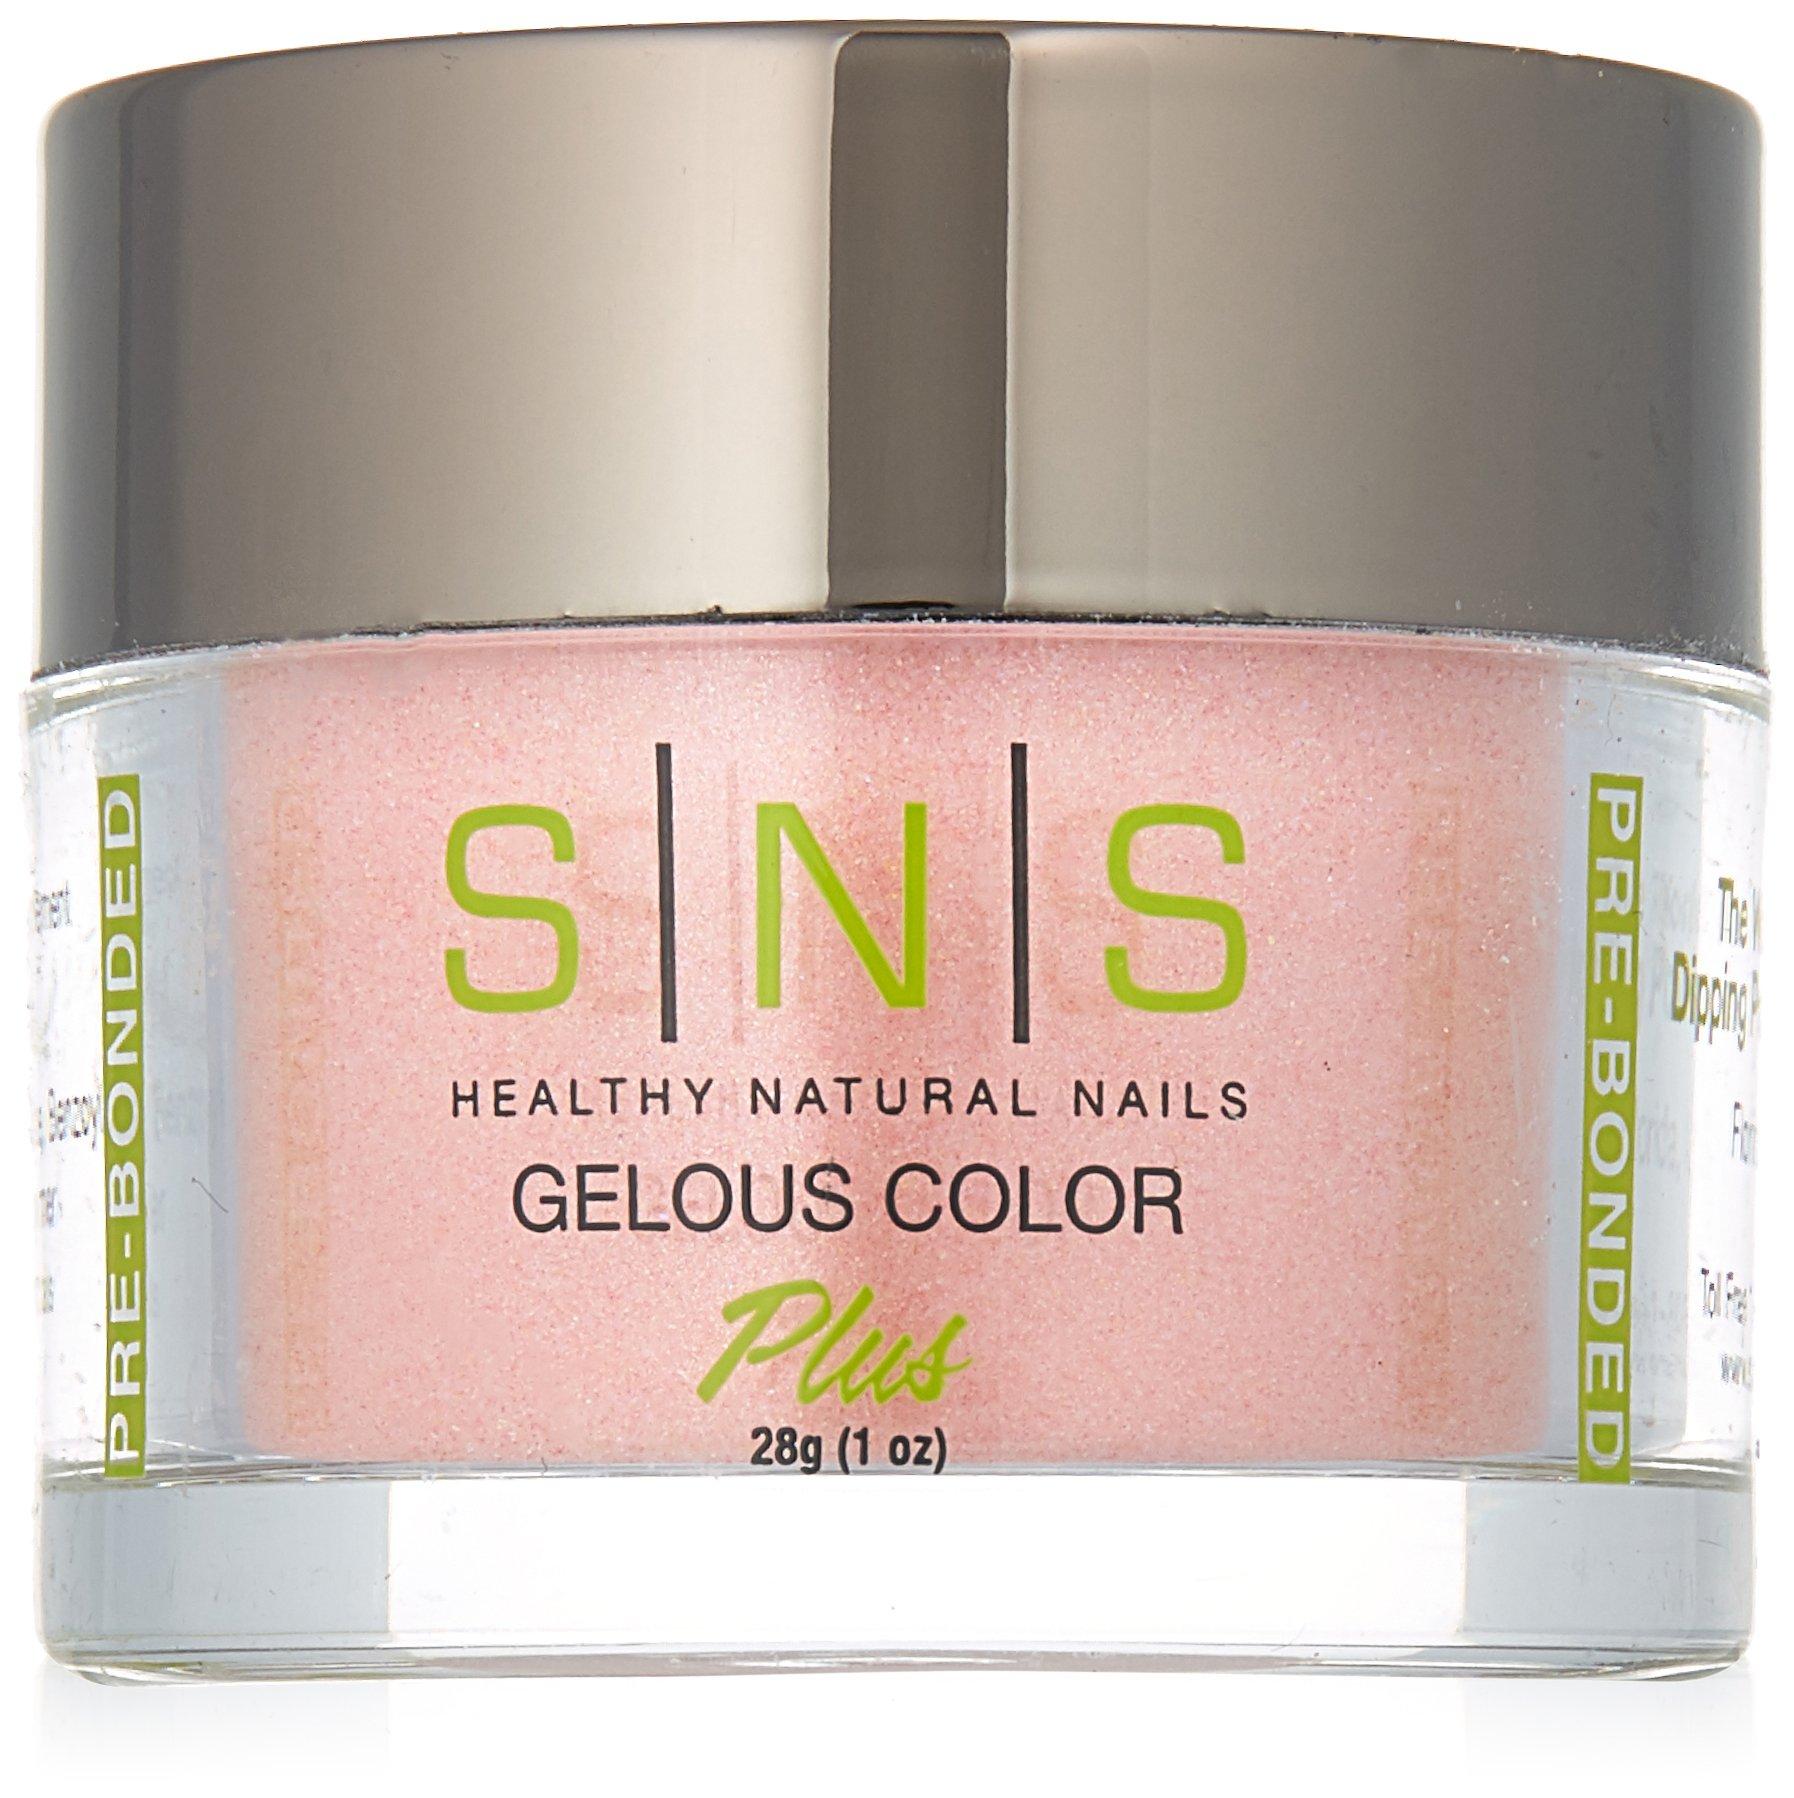 SNS Nails Dipping Powder No Liquid, No Primer, No UV Light - 40